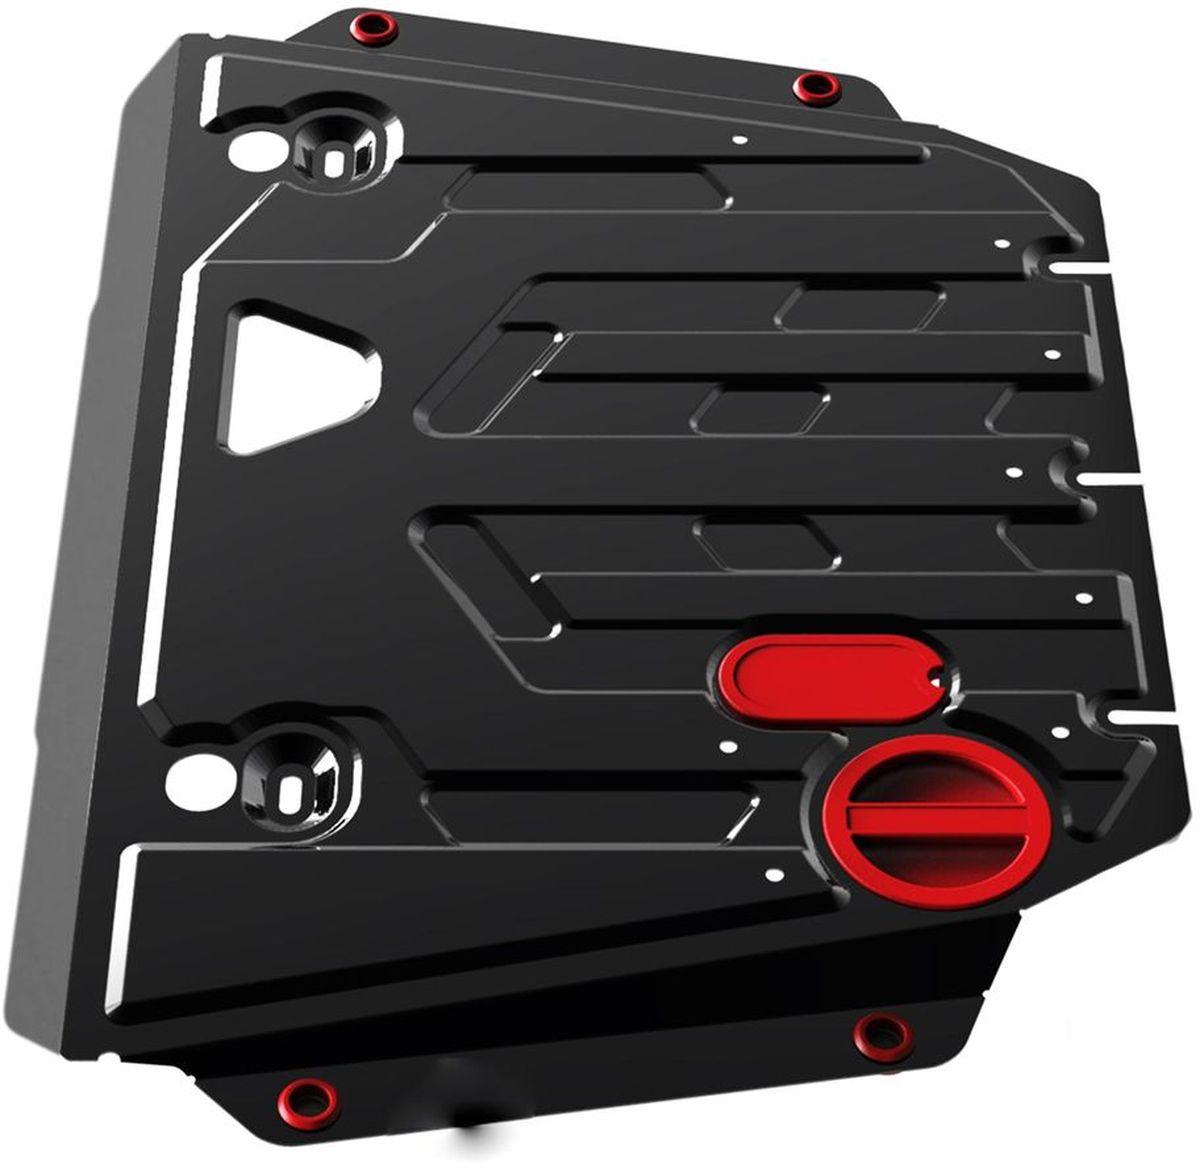 Защита картера Автоброня, для Kia Mohave V - все (2009-)111.02814.1Технологически совершенный продукт за невысокую стоимость. Защита разработана с учетом особенностей днища автомобиля, что позволяет сохранить дорожный просвет с минимальным изменением. Защита устанавливается в штатные места кузова автомобиля. Глубокий штамп обеспечивает до двух раз больше жесткости в сравнении с обычной защитой той же толщины. Проштампованные ребра жесткости препятствуют деформации защиты при ударах. Тепловой зазор и вентиляционные отверстия обеспечивают сохранение температурного режима двигателя в норме. Скрытый крепеж предотвращает срыв крепежных элементов при наезде на препятствие. Шумопоглощающие резиновые элементы обеспечивают комфортную езду без вибраций и скрежета металла, а съемные лючки для слива масла и замены фильтра - экономию средств и время. Конструкция изделия не влияет на пассивную безопасность автомобиля (при ударе защита не воздействует на деформационные зоны кузова). Со штатным крепежом. В комплекте инструкция по установке....